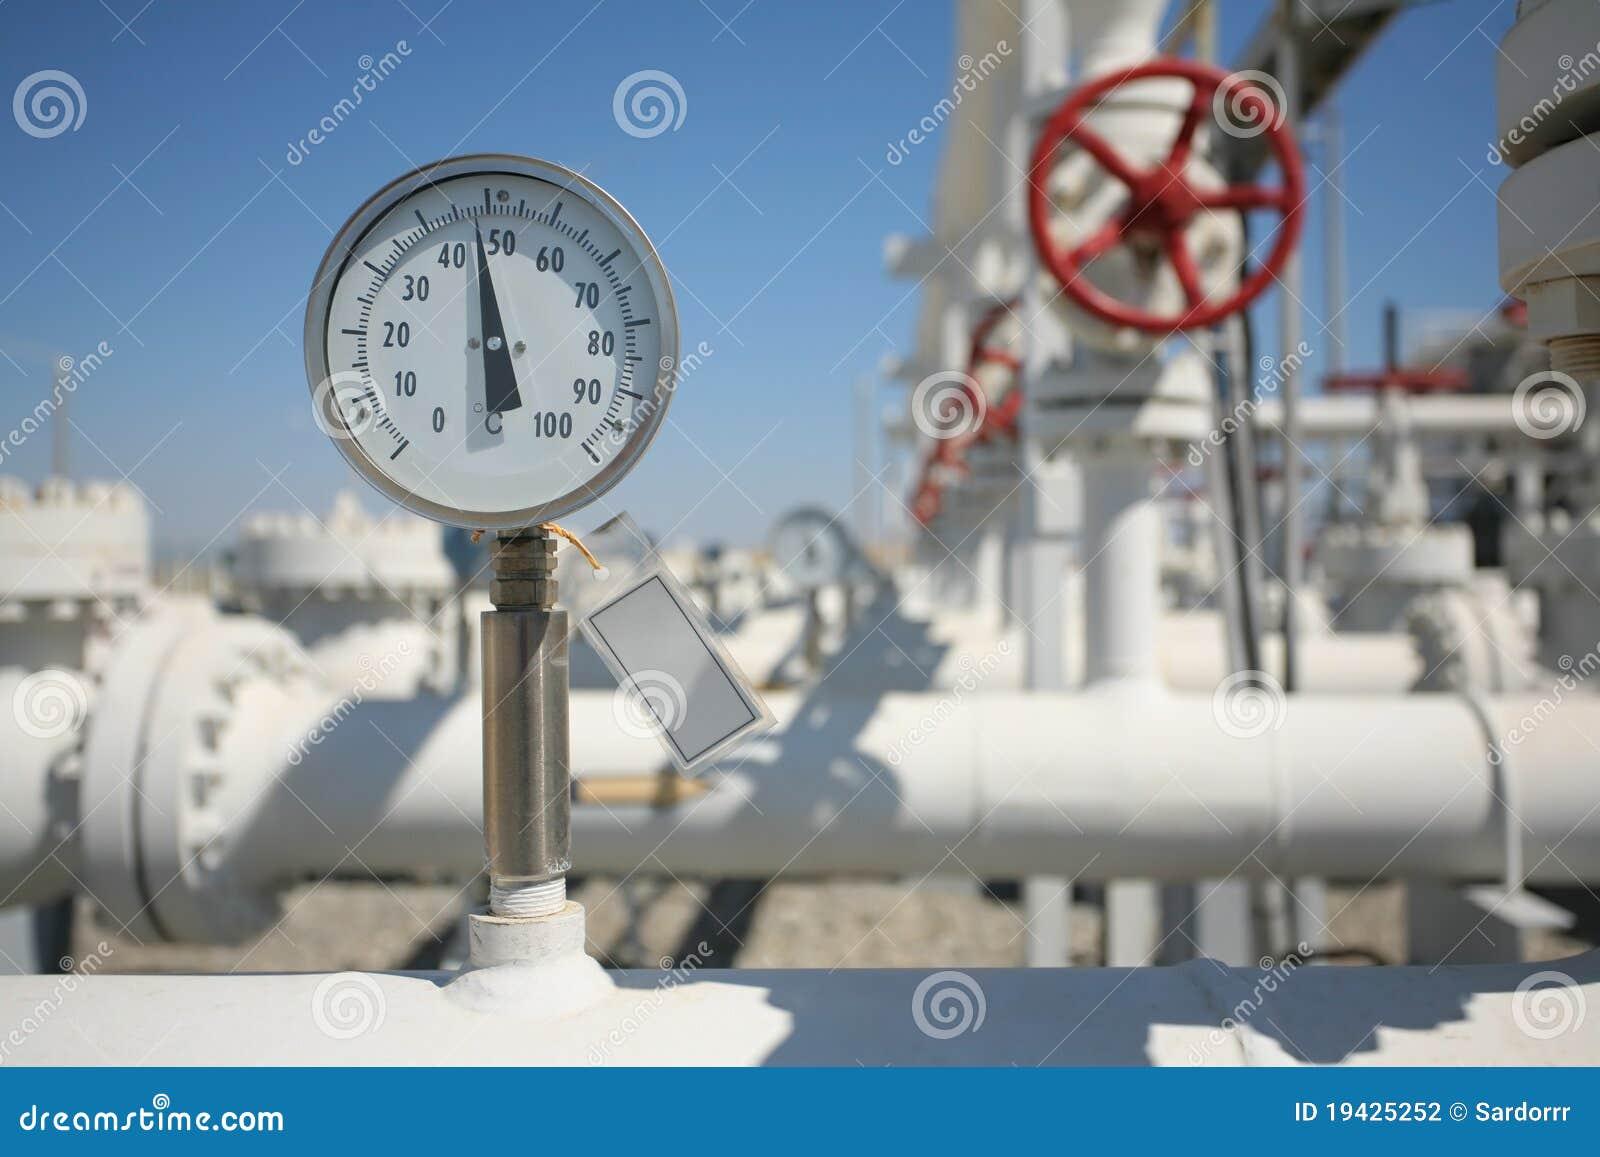 排气管处理VA的油管工厂